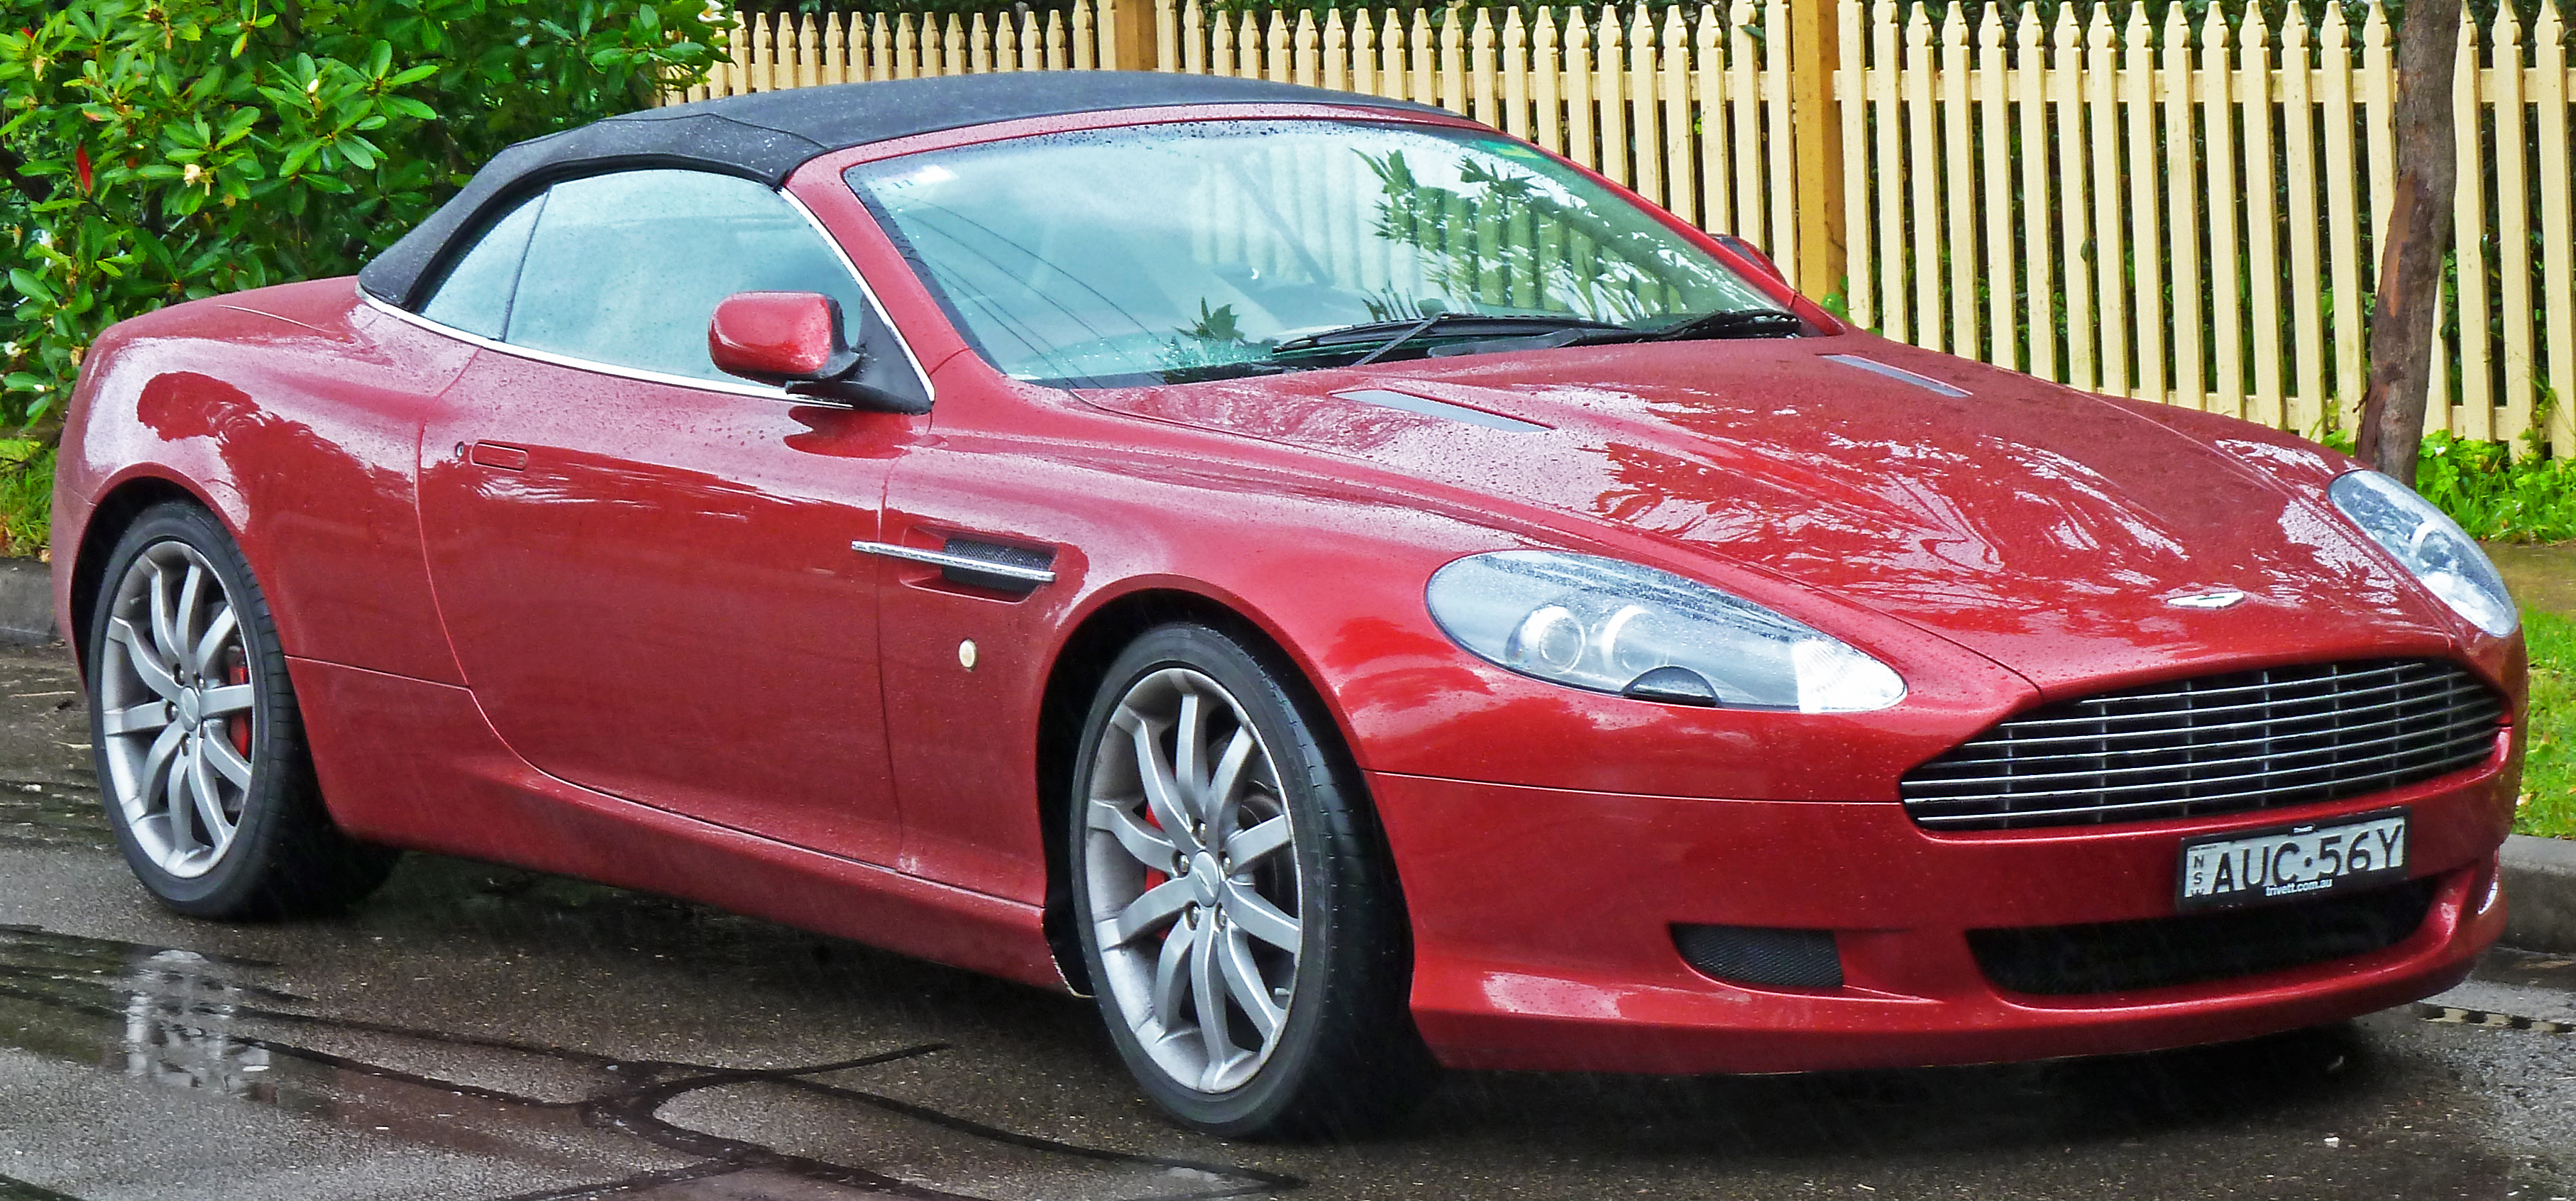 File 2005 2008 Aston Martin Db9 Volante Convertible 2011 07 17 01 Jpg Wikimedia Commons